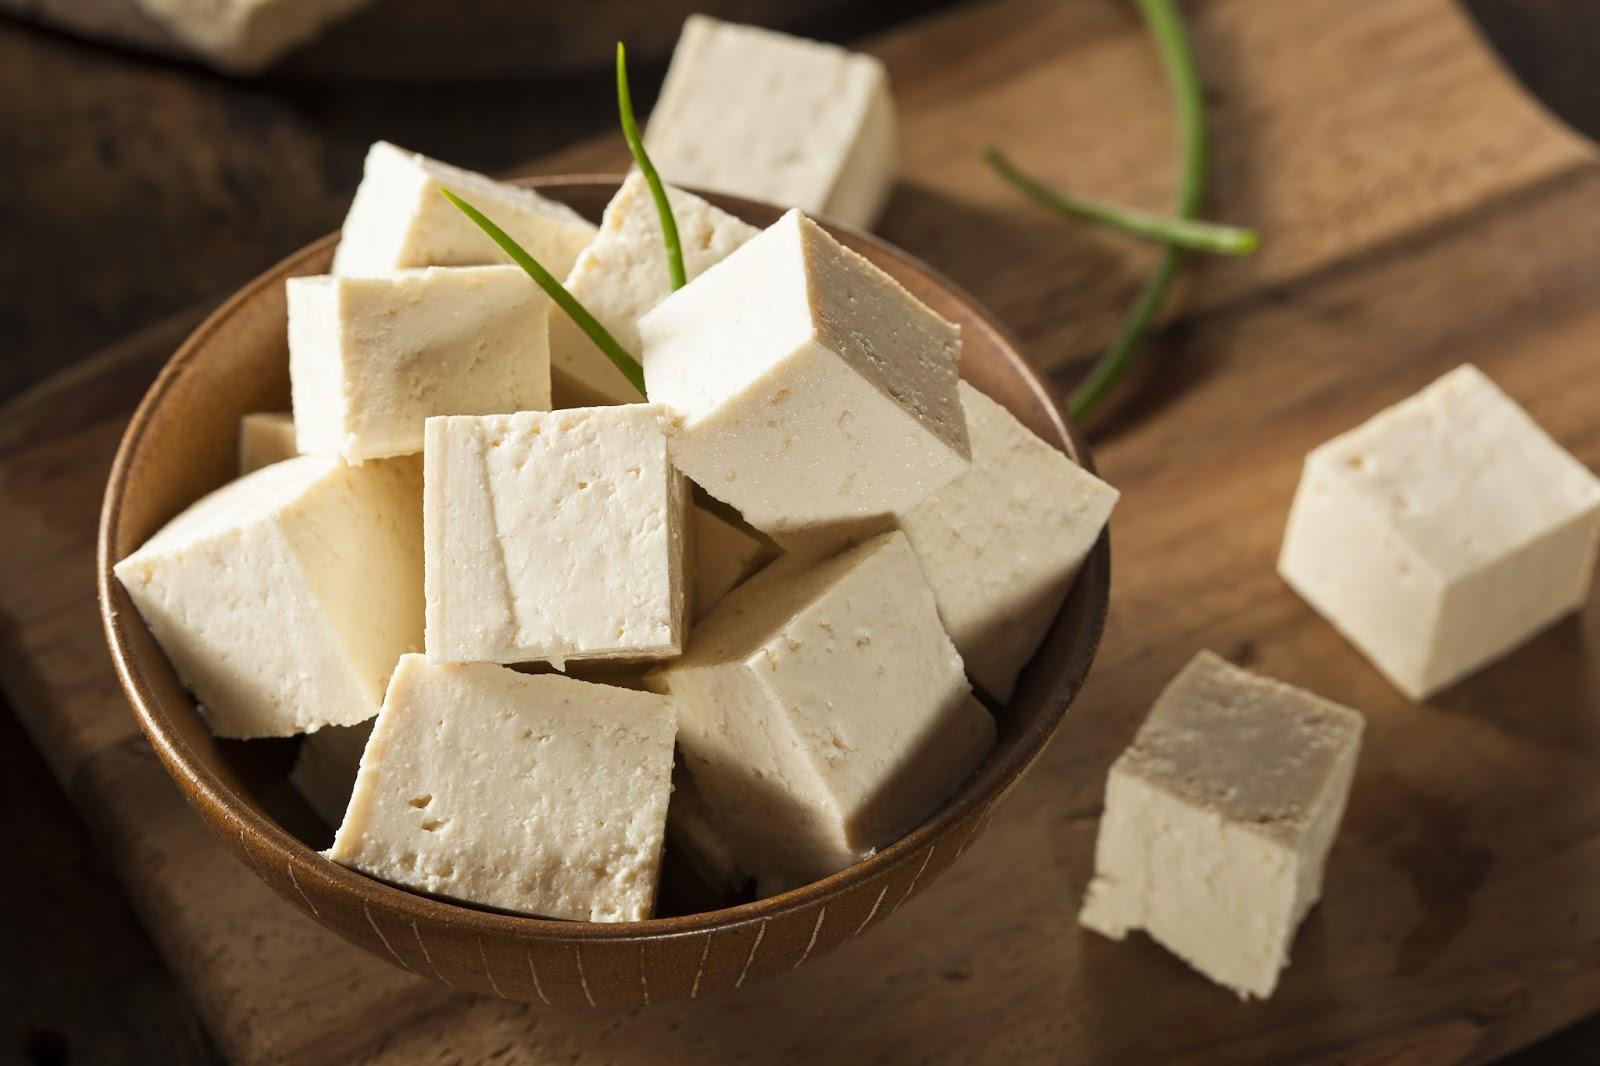 Tofu saudável substituto da carne 1